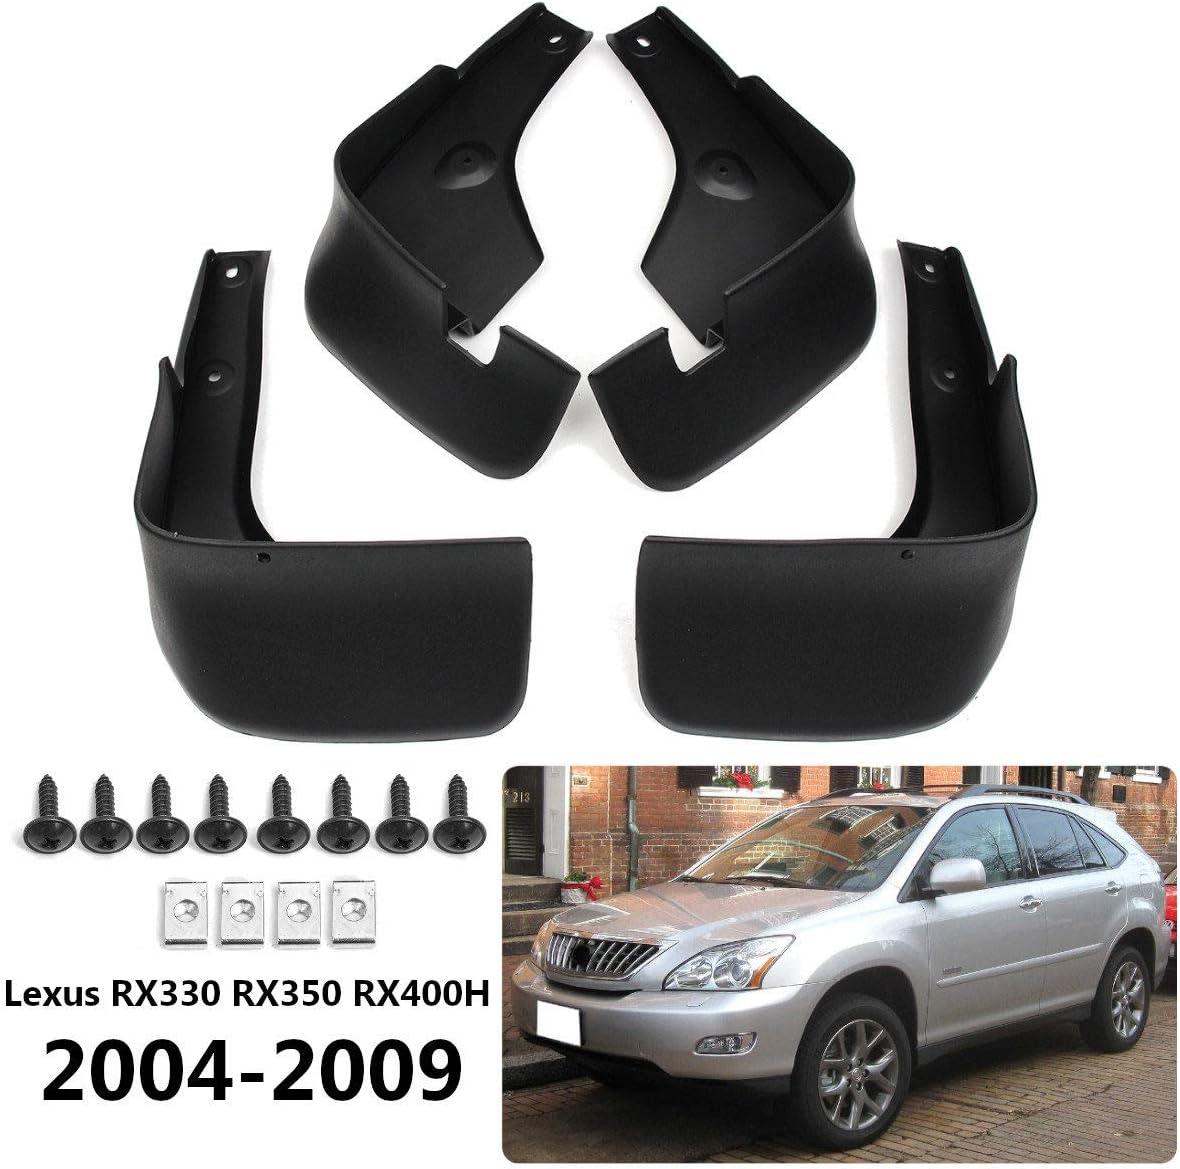 BTSDLXX 4 Pcs Set Auto Kotfl/ügel f/ür Lexus RX330 RX350 RX400H 2004-2009 Vorne Hinten Kotfl/ügelverbreiterungen Spritzschutz Gummi Schmutzf/änger Autozubeh/ör